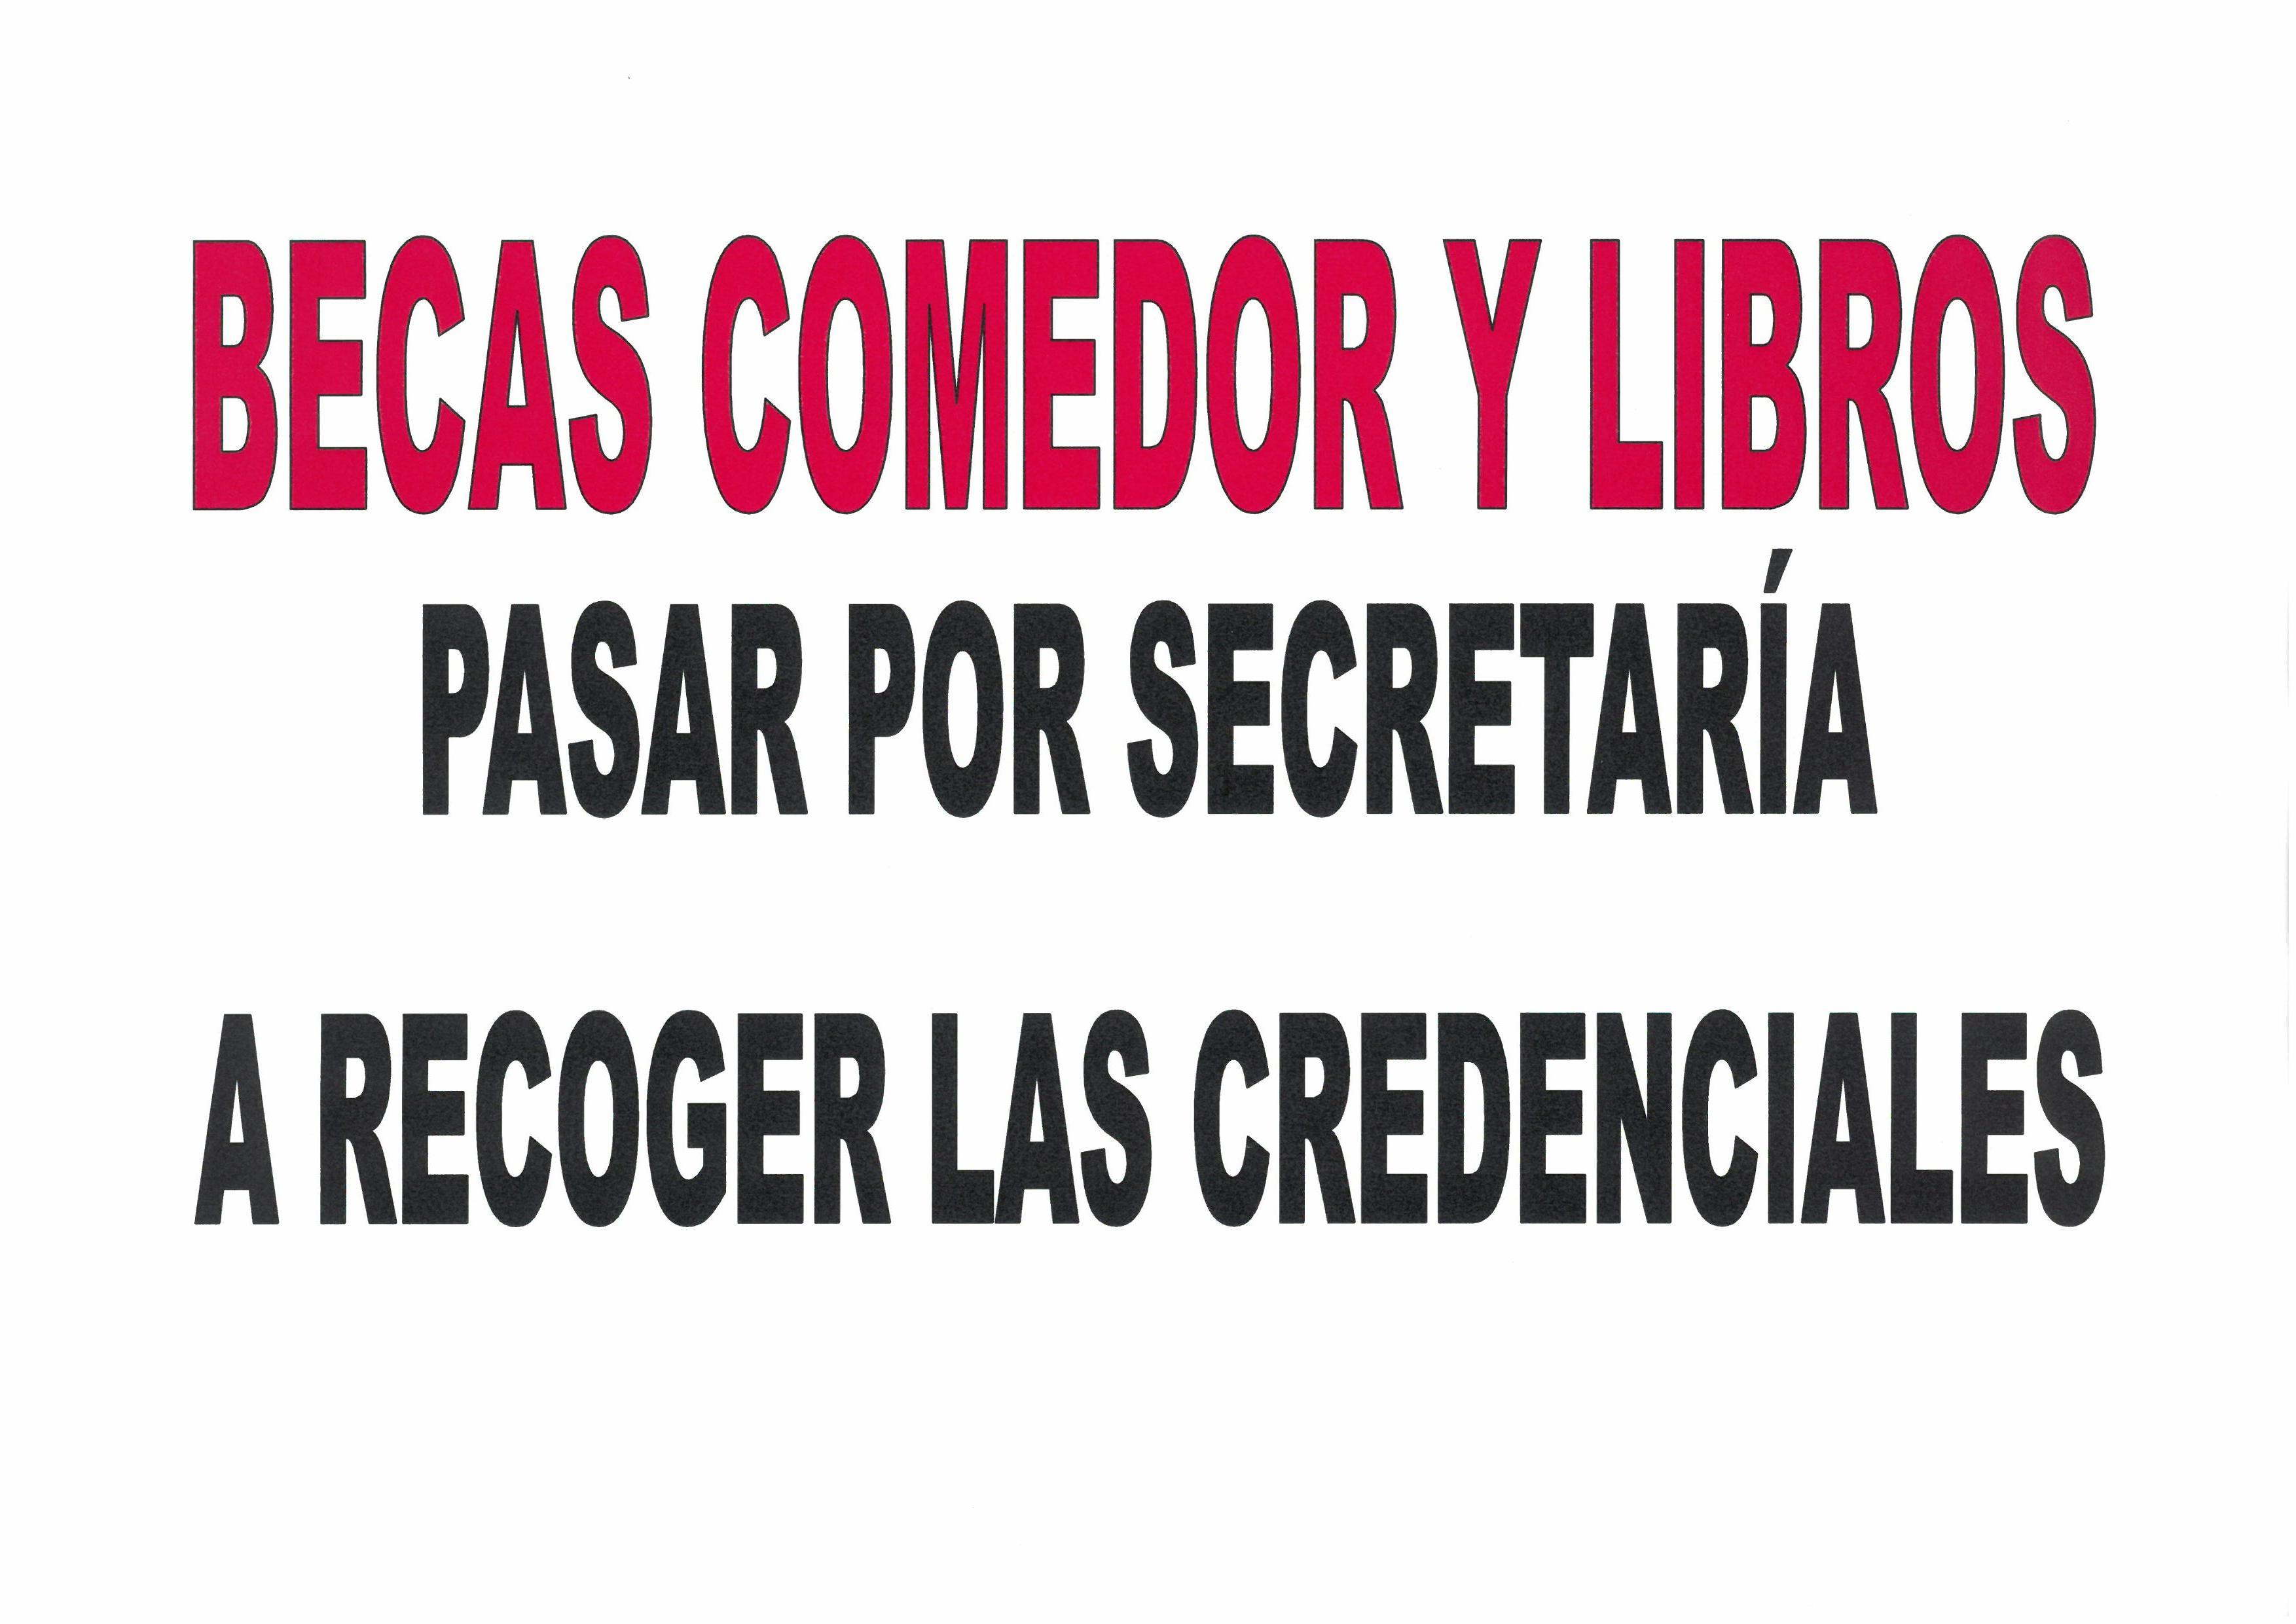 BECAS DE COMEDOR Y LIBROS - CEIP Las Fuentes